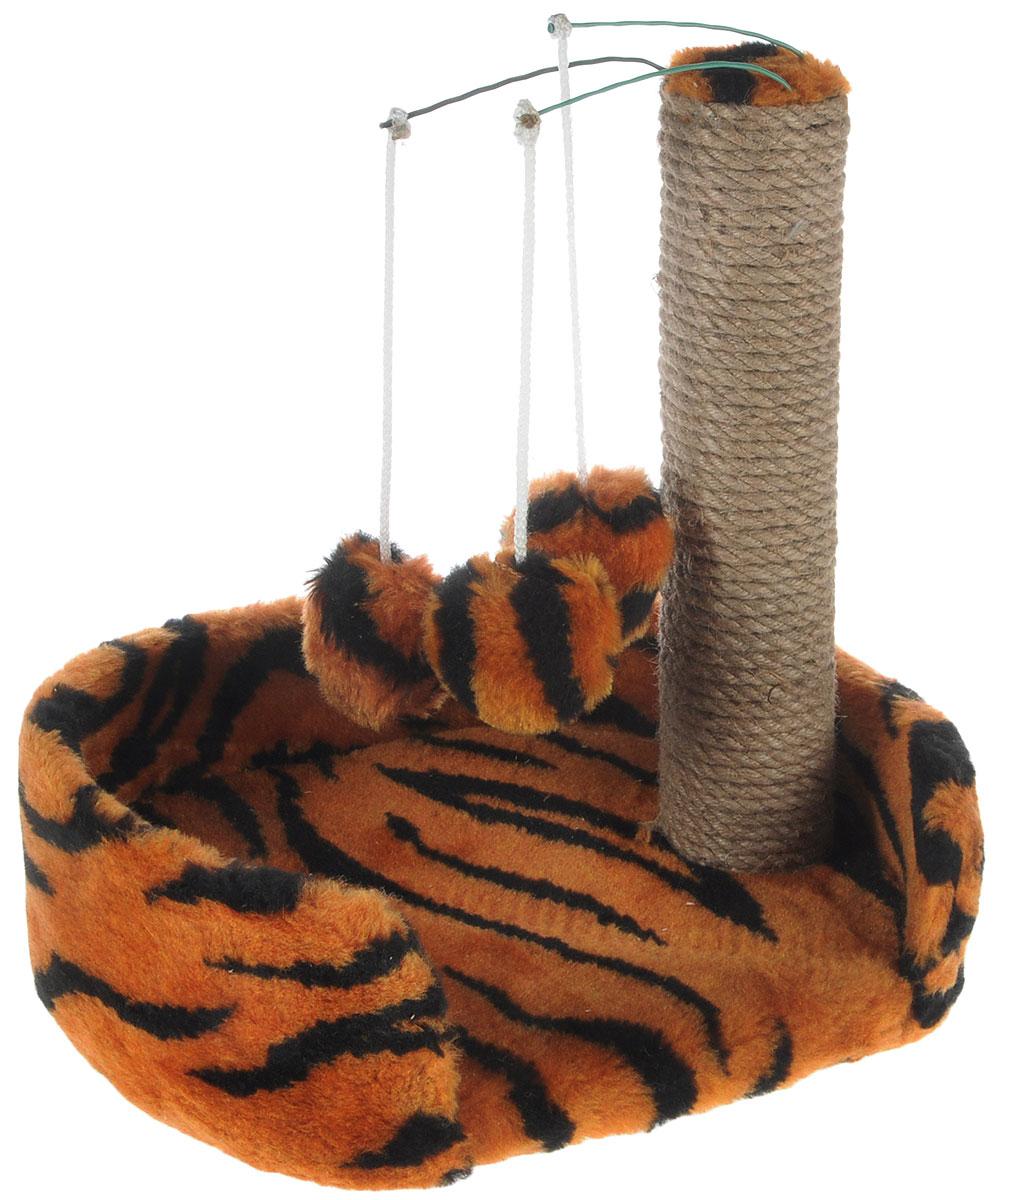 Когтеточка для котят Меридиан, с лежанкой, цвет: оранжевый, черный, бежевый, 34 х 26 х 34 см0120710Когтеточка Меридиан предназначена для стачивания когтей вашего котенка и предотвращения их врастания. Она выполнена из ДВП и ДСП и обтянута искусственным мехом. Точатся когти о столбик из джута. Когтеточка оснащена подвесными игрушками, привлекающими внимание котенка. Внизу имеется спальное место.Когтеточка позволяет сохранить неповрежденными мебель и другие предметы интерьера.